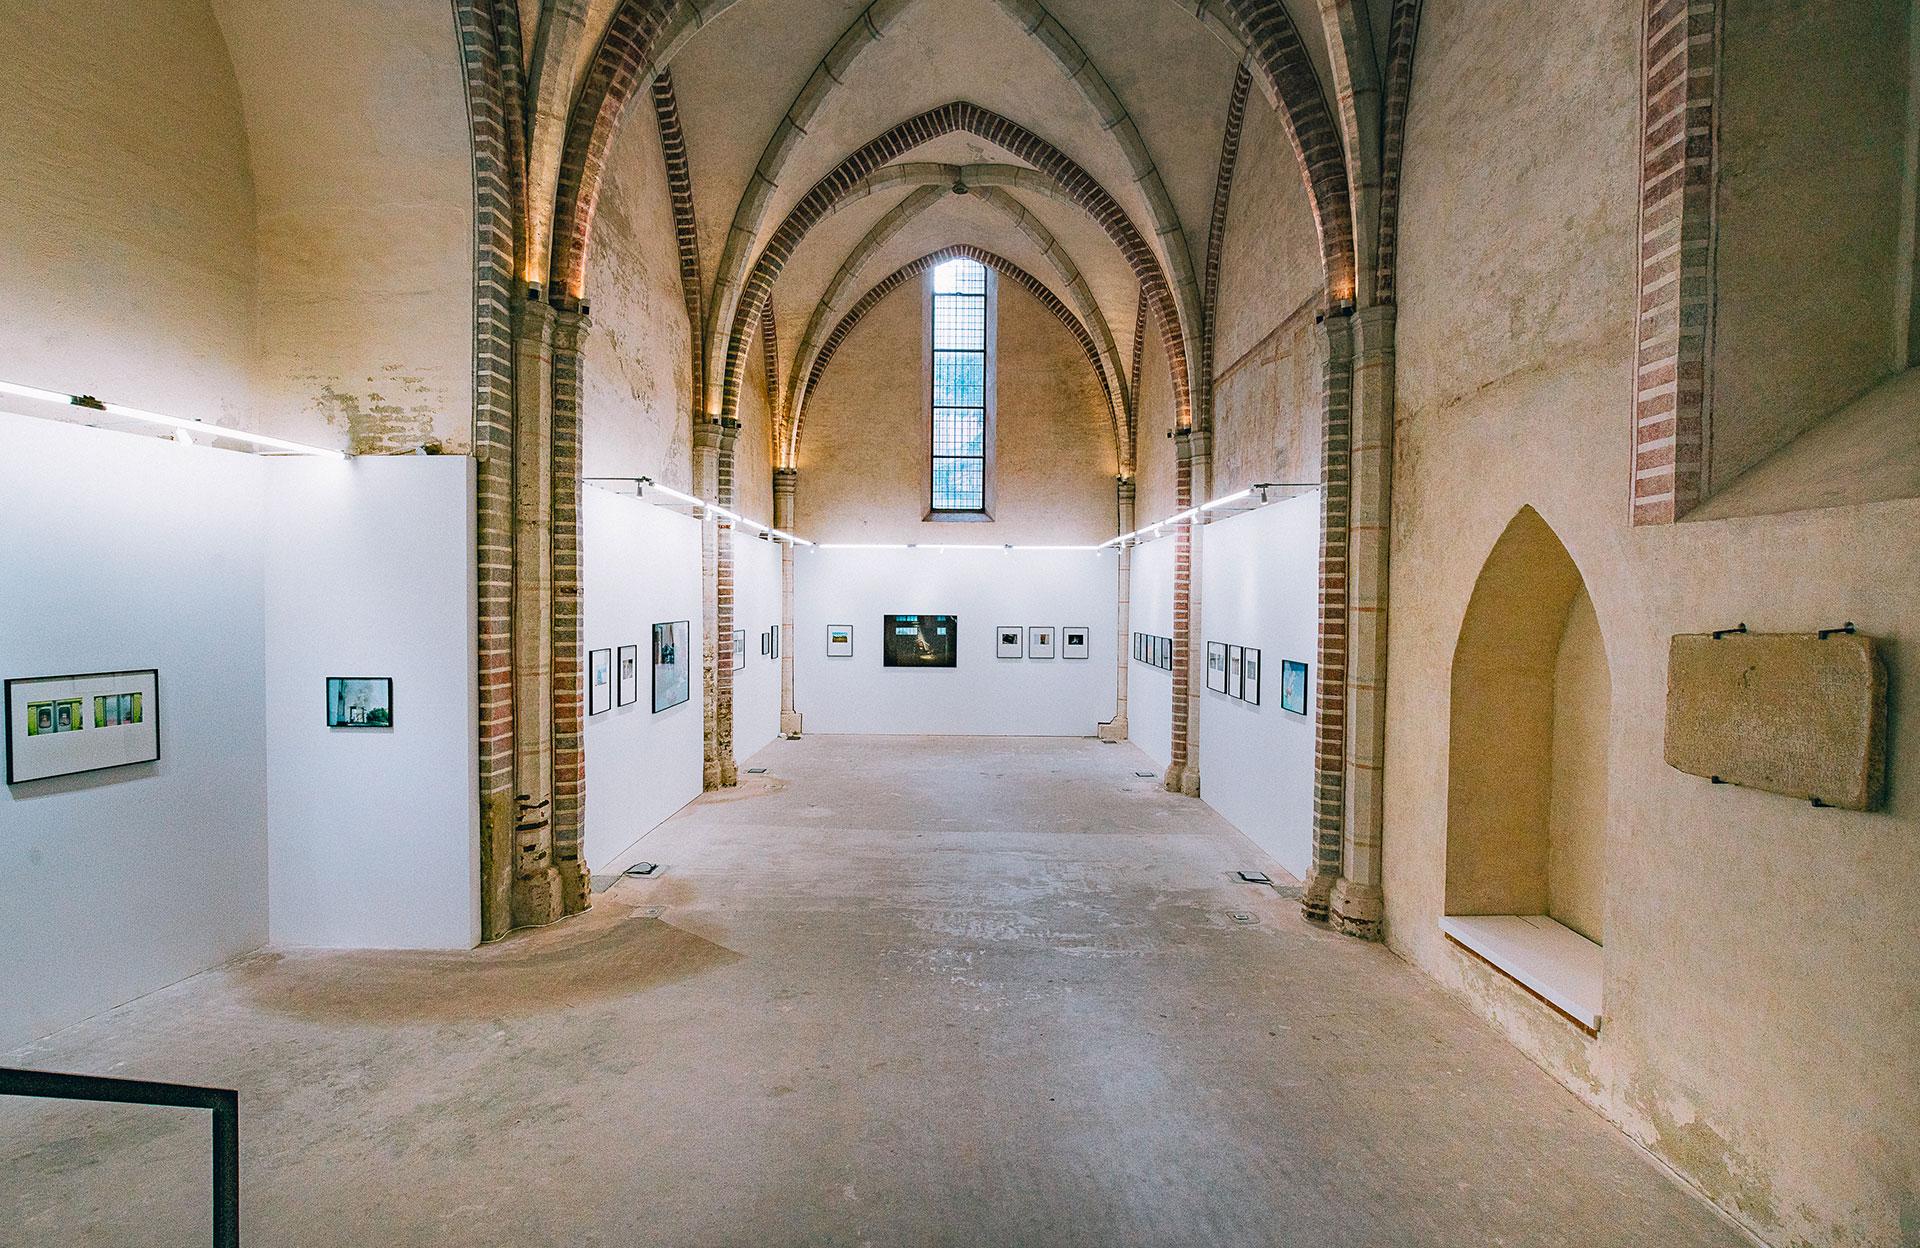 rose-beton-2018_BENJAMIN-ROUDET-01